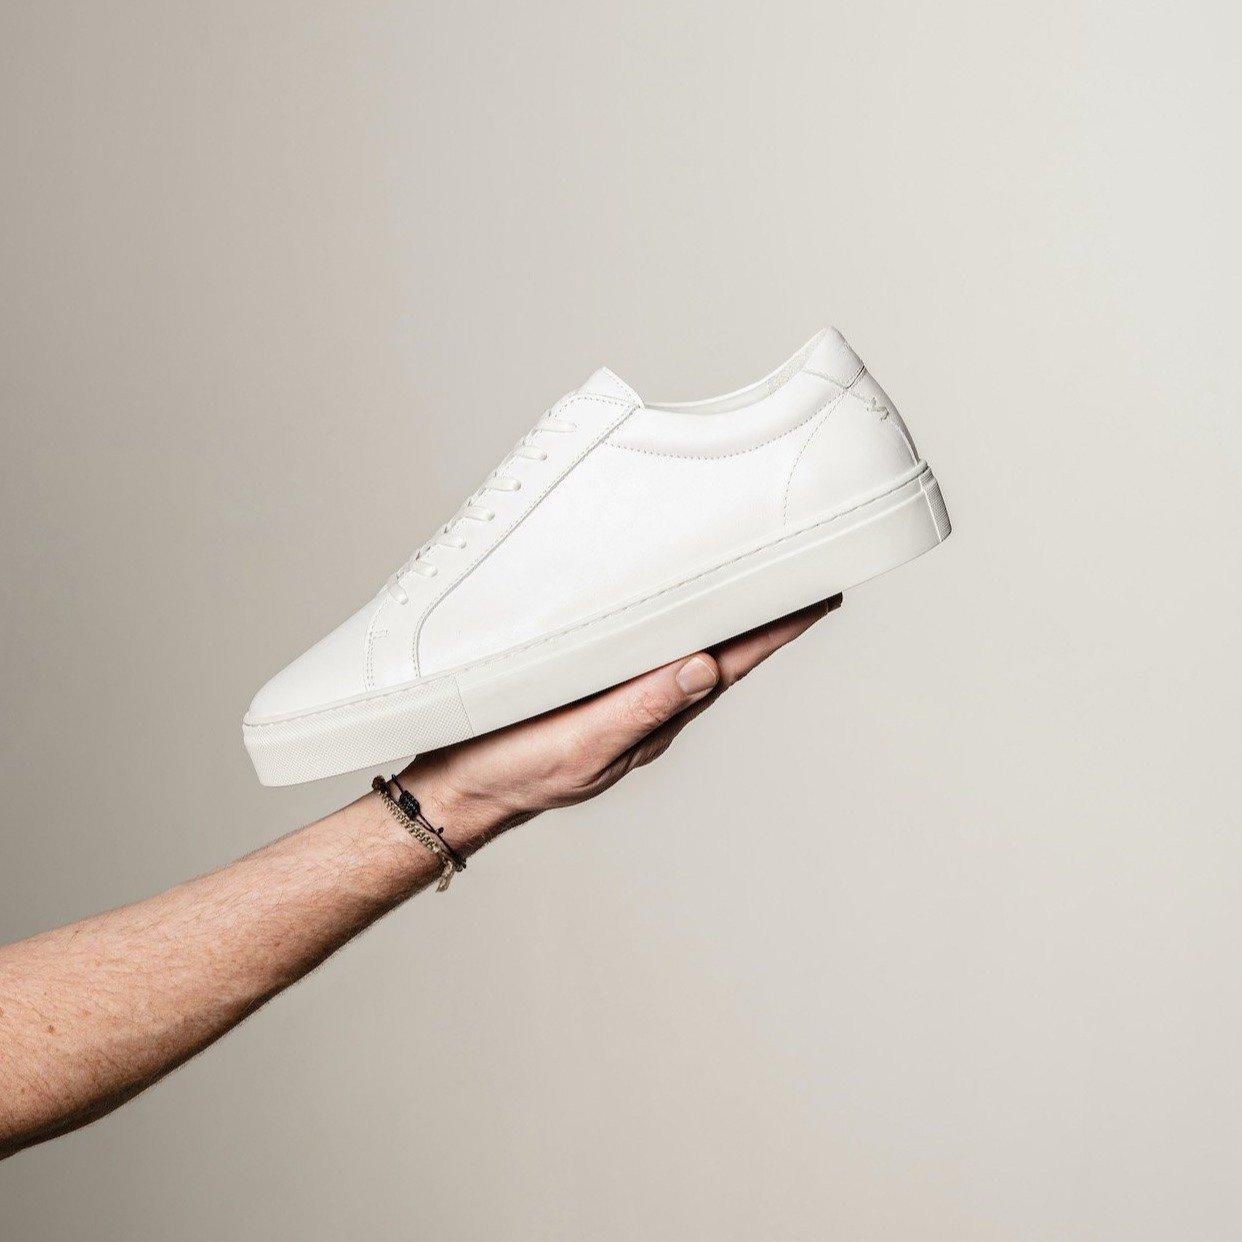 hvide sneakers mænd kvalitet